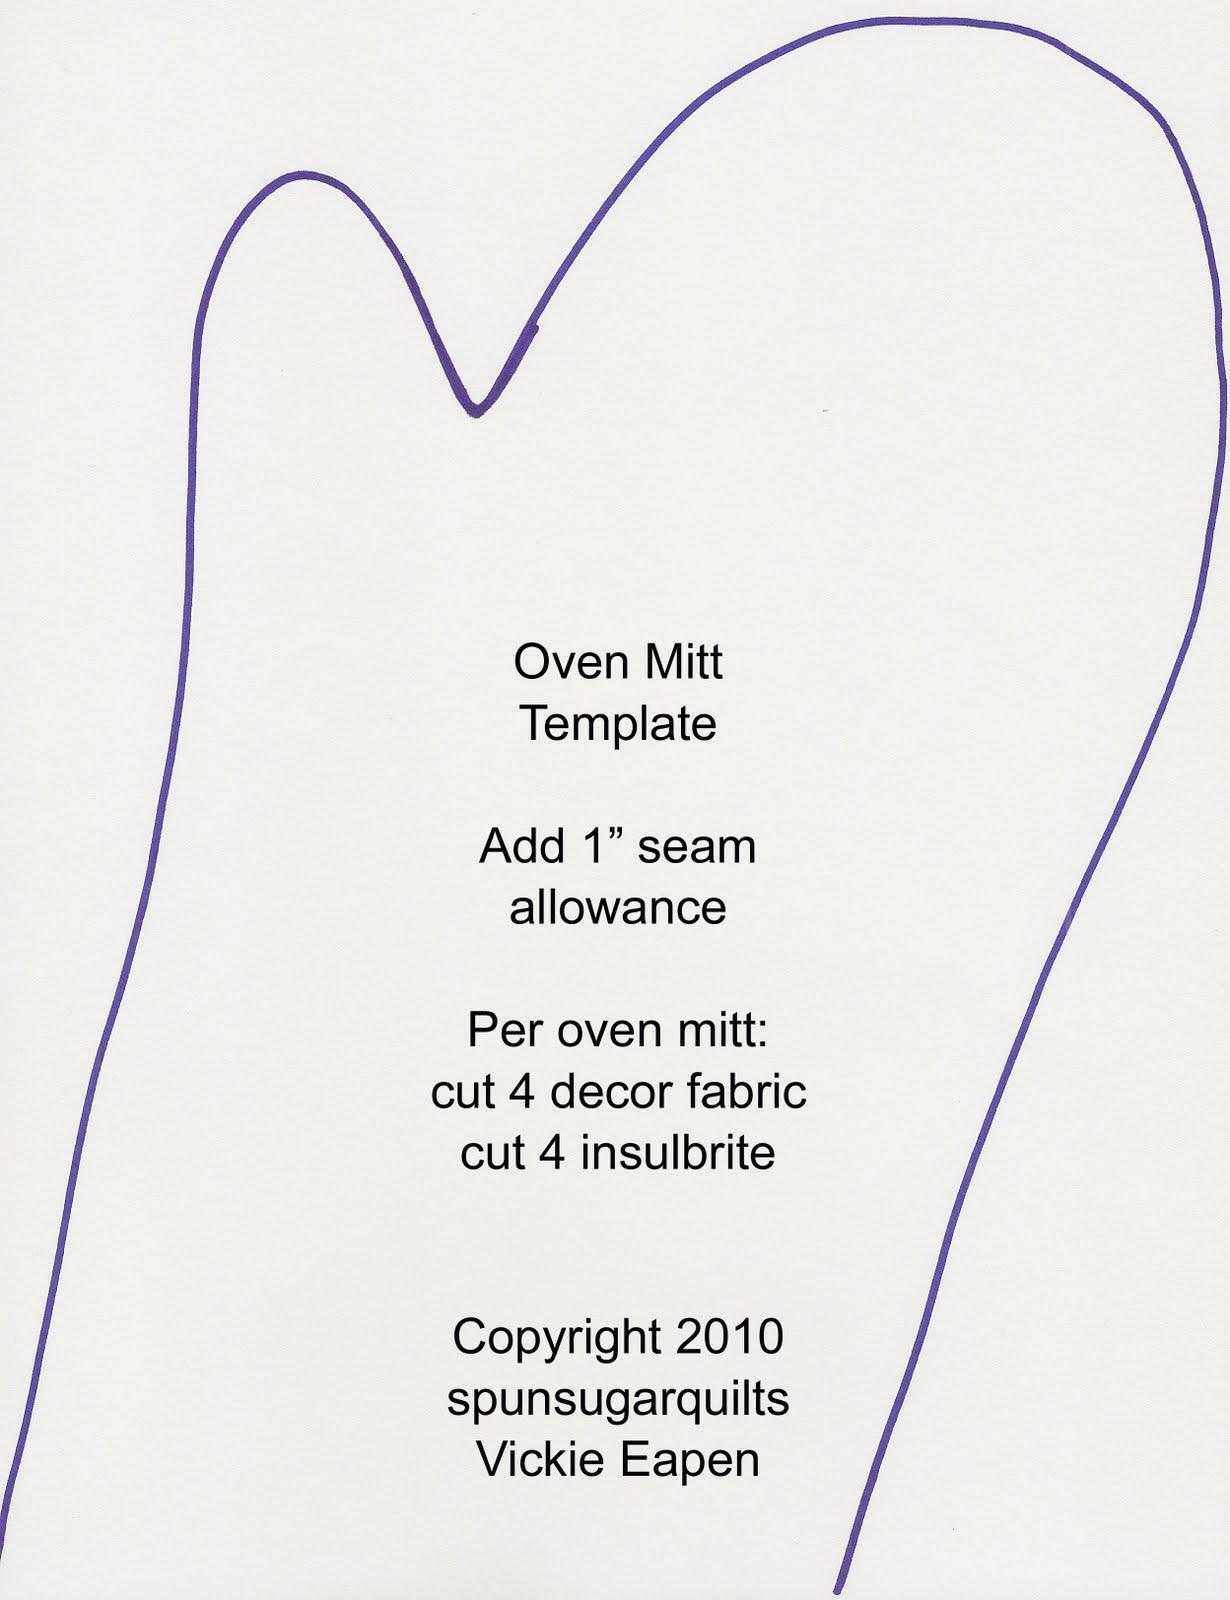 Oven Mitt Pattern Template